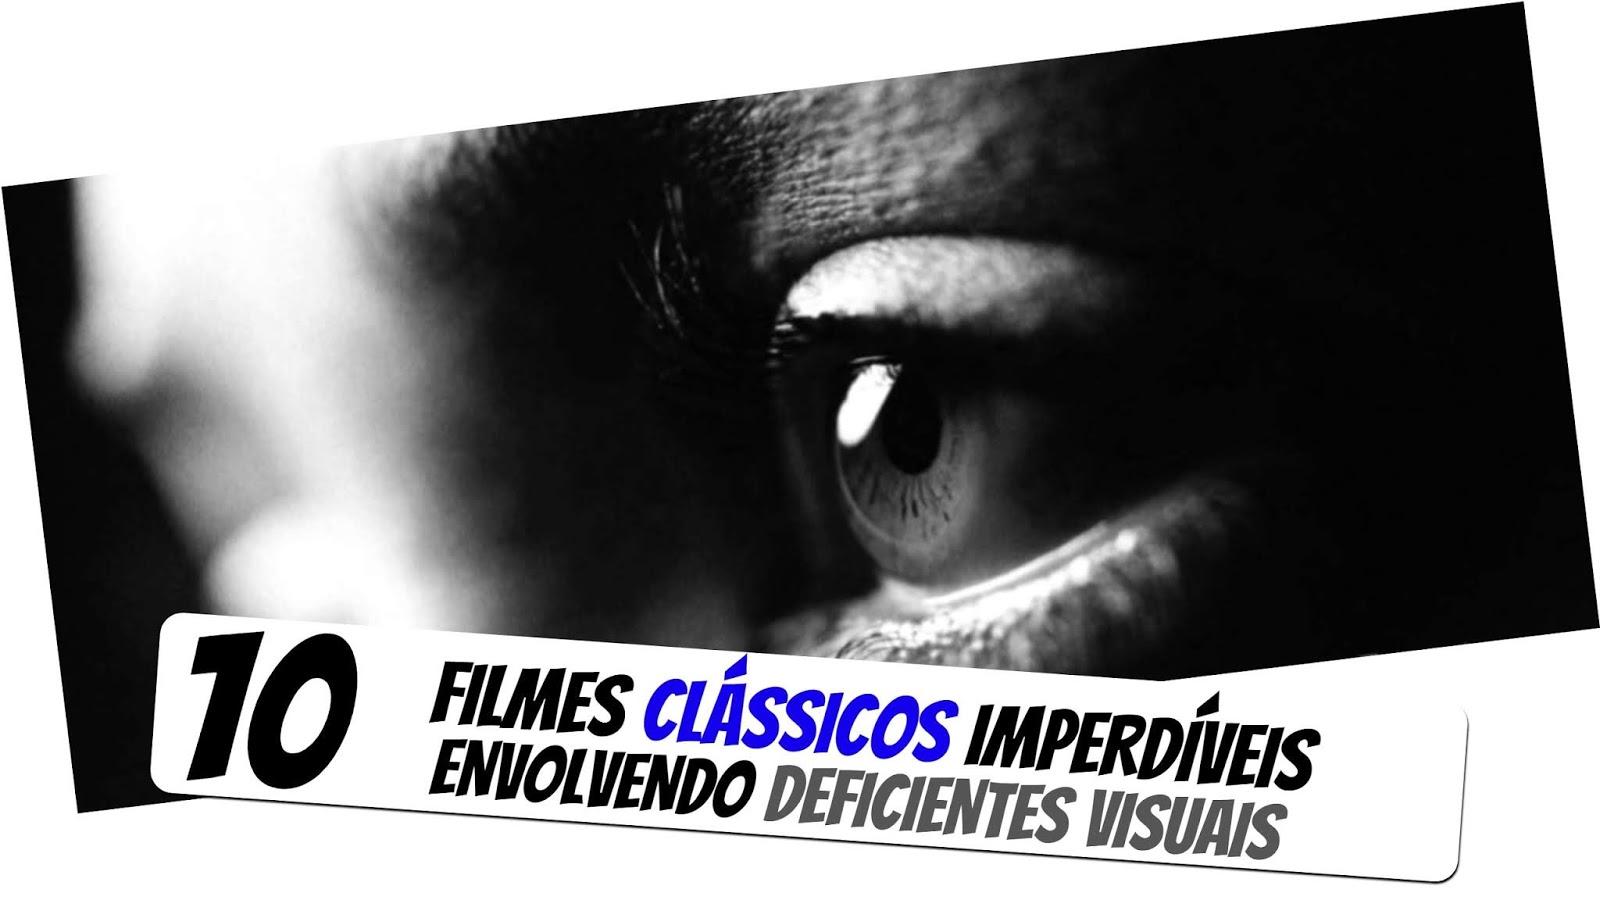 10-filmes-deficientes-visuais